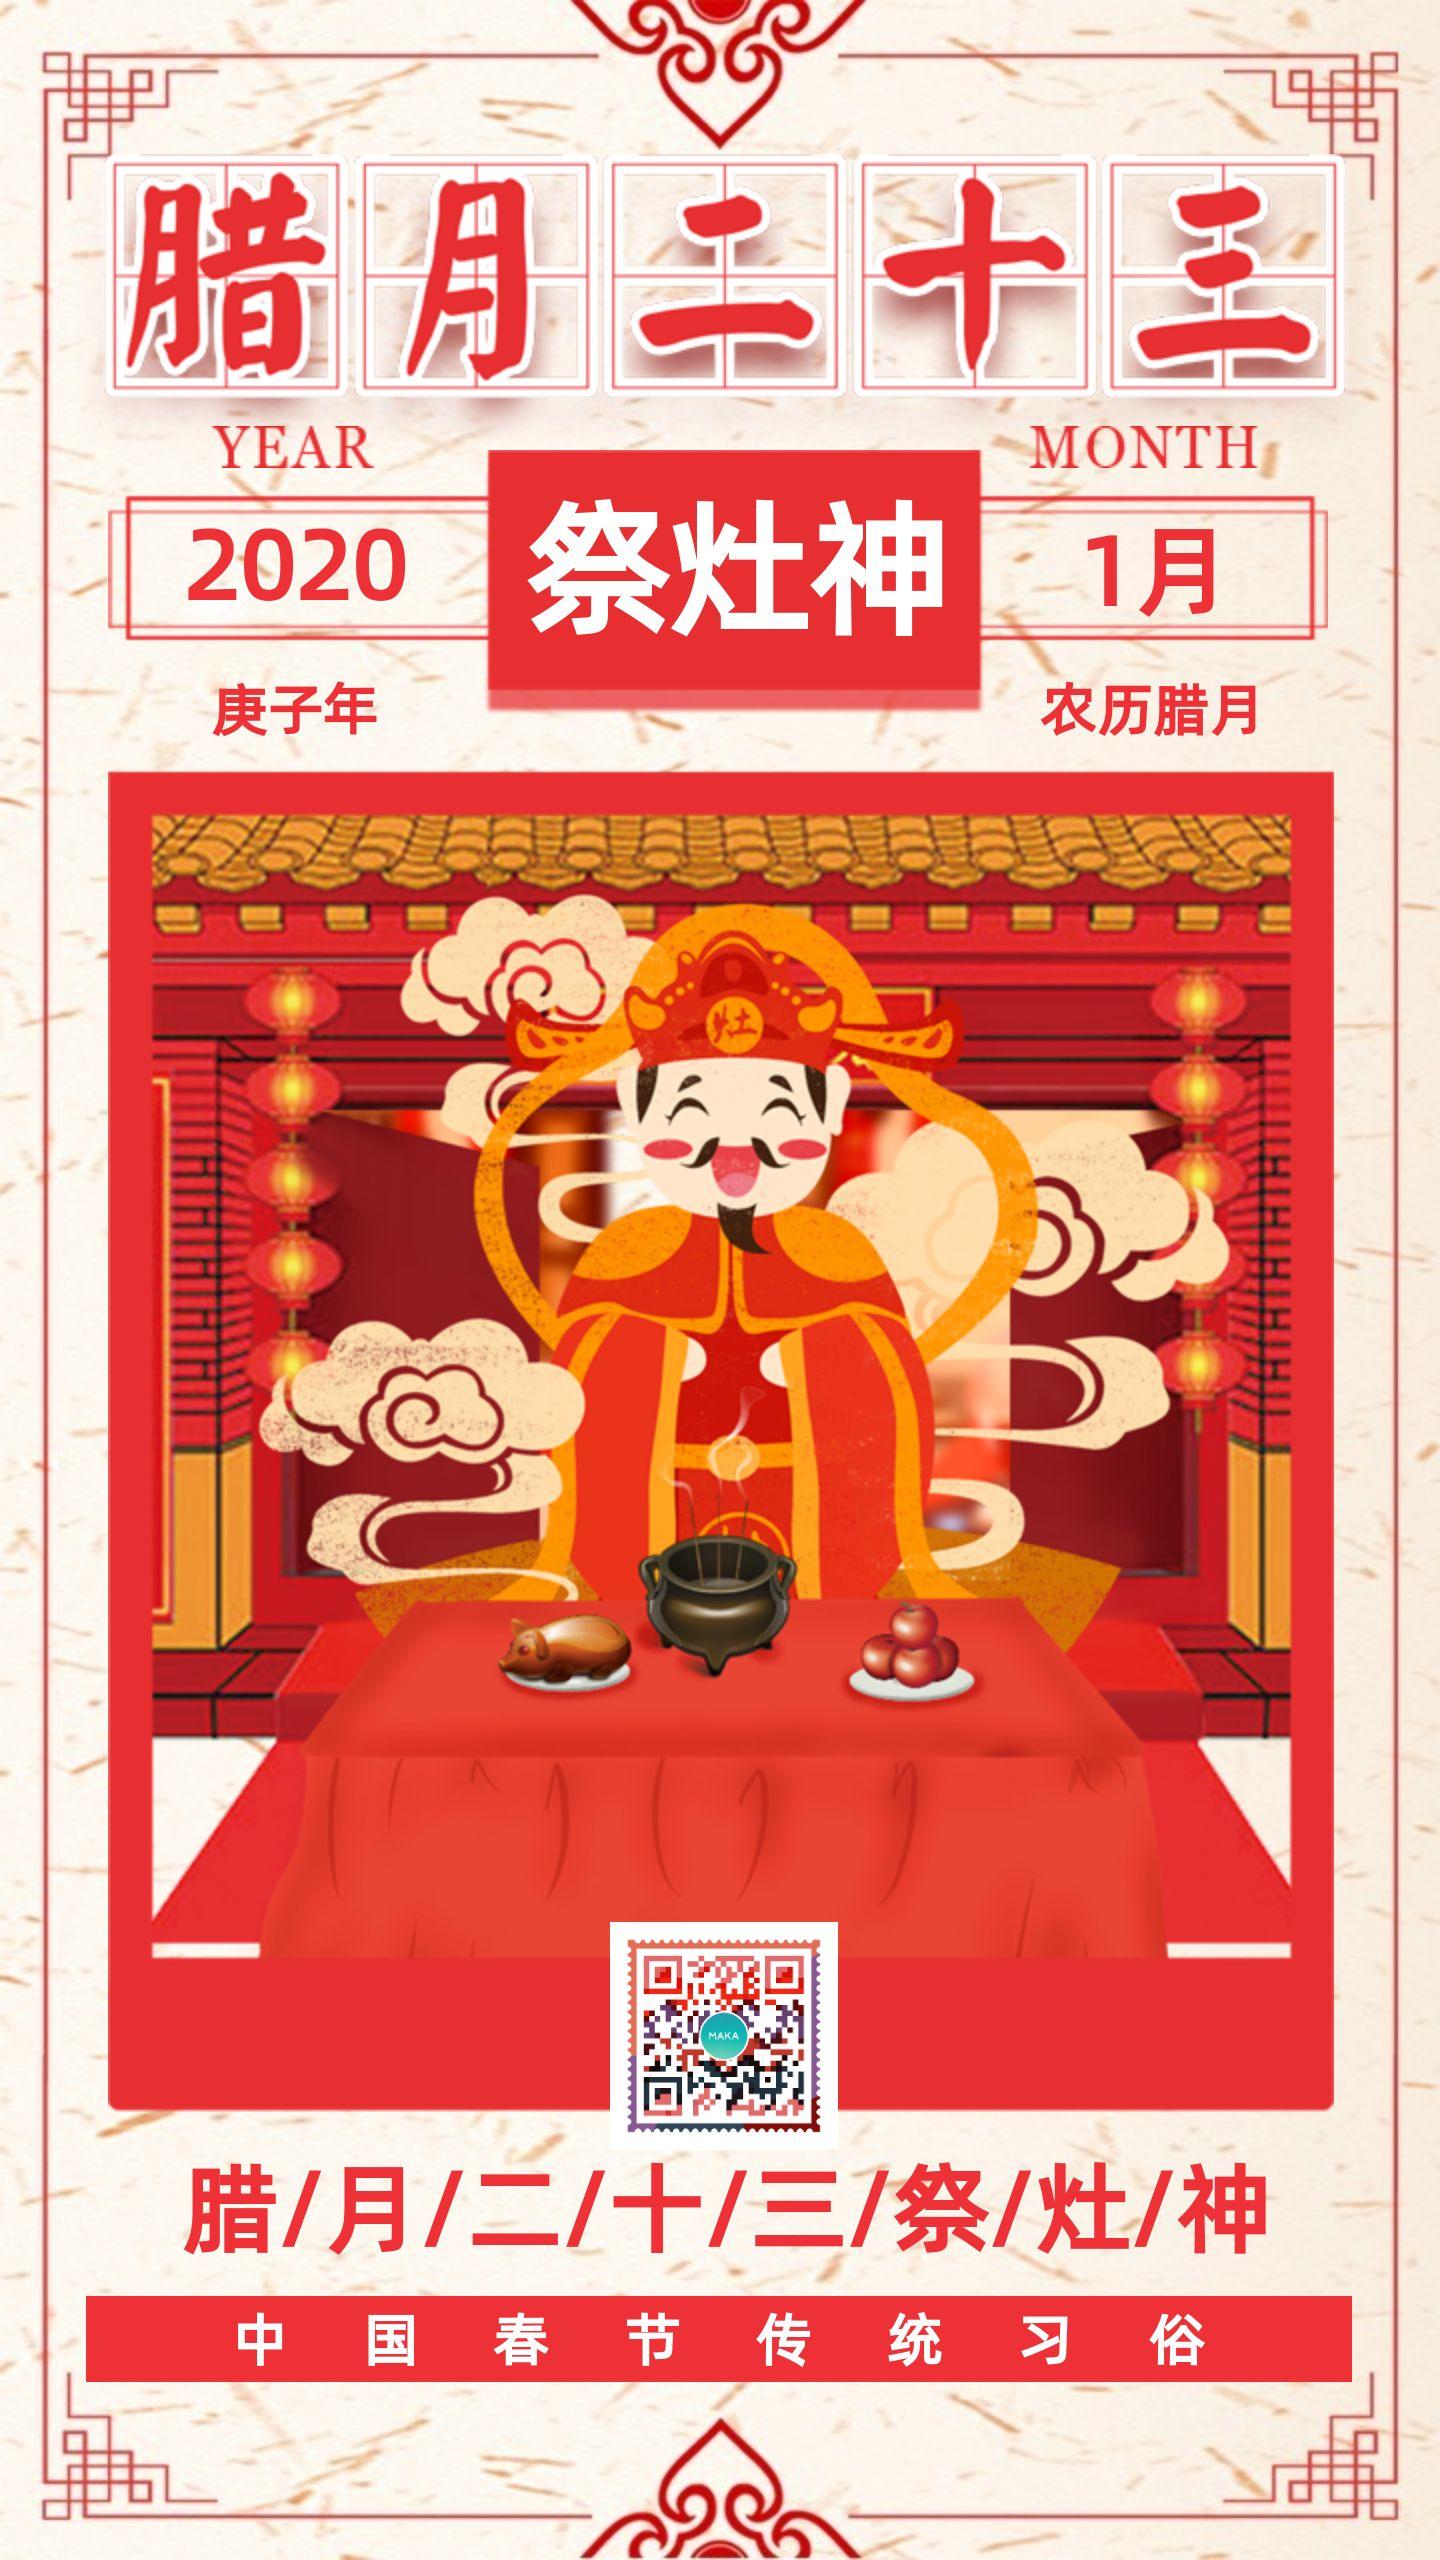 腊月二十三祭灶神中国风2020鼠年春节祝福拜年手机版新年日签习俗海报